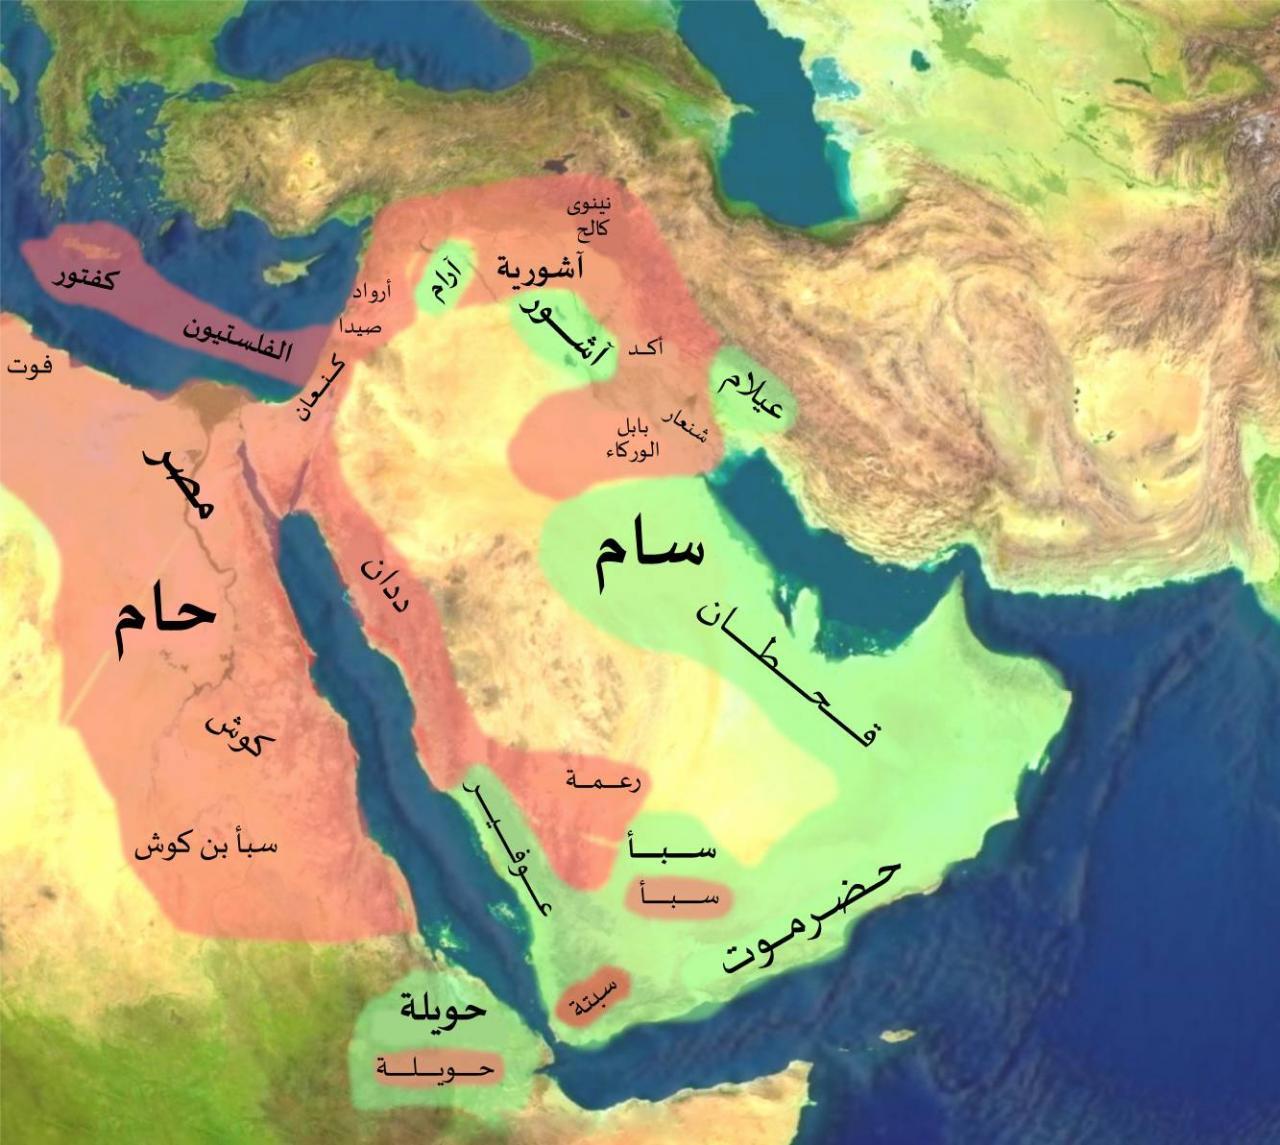 صورة اشهر حضارات العالم القديم,خريطة الحضارات القديمة 567